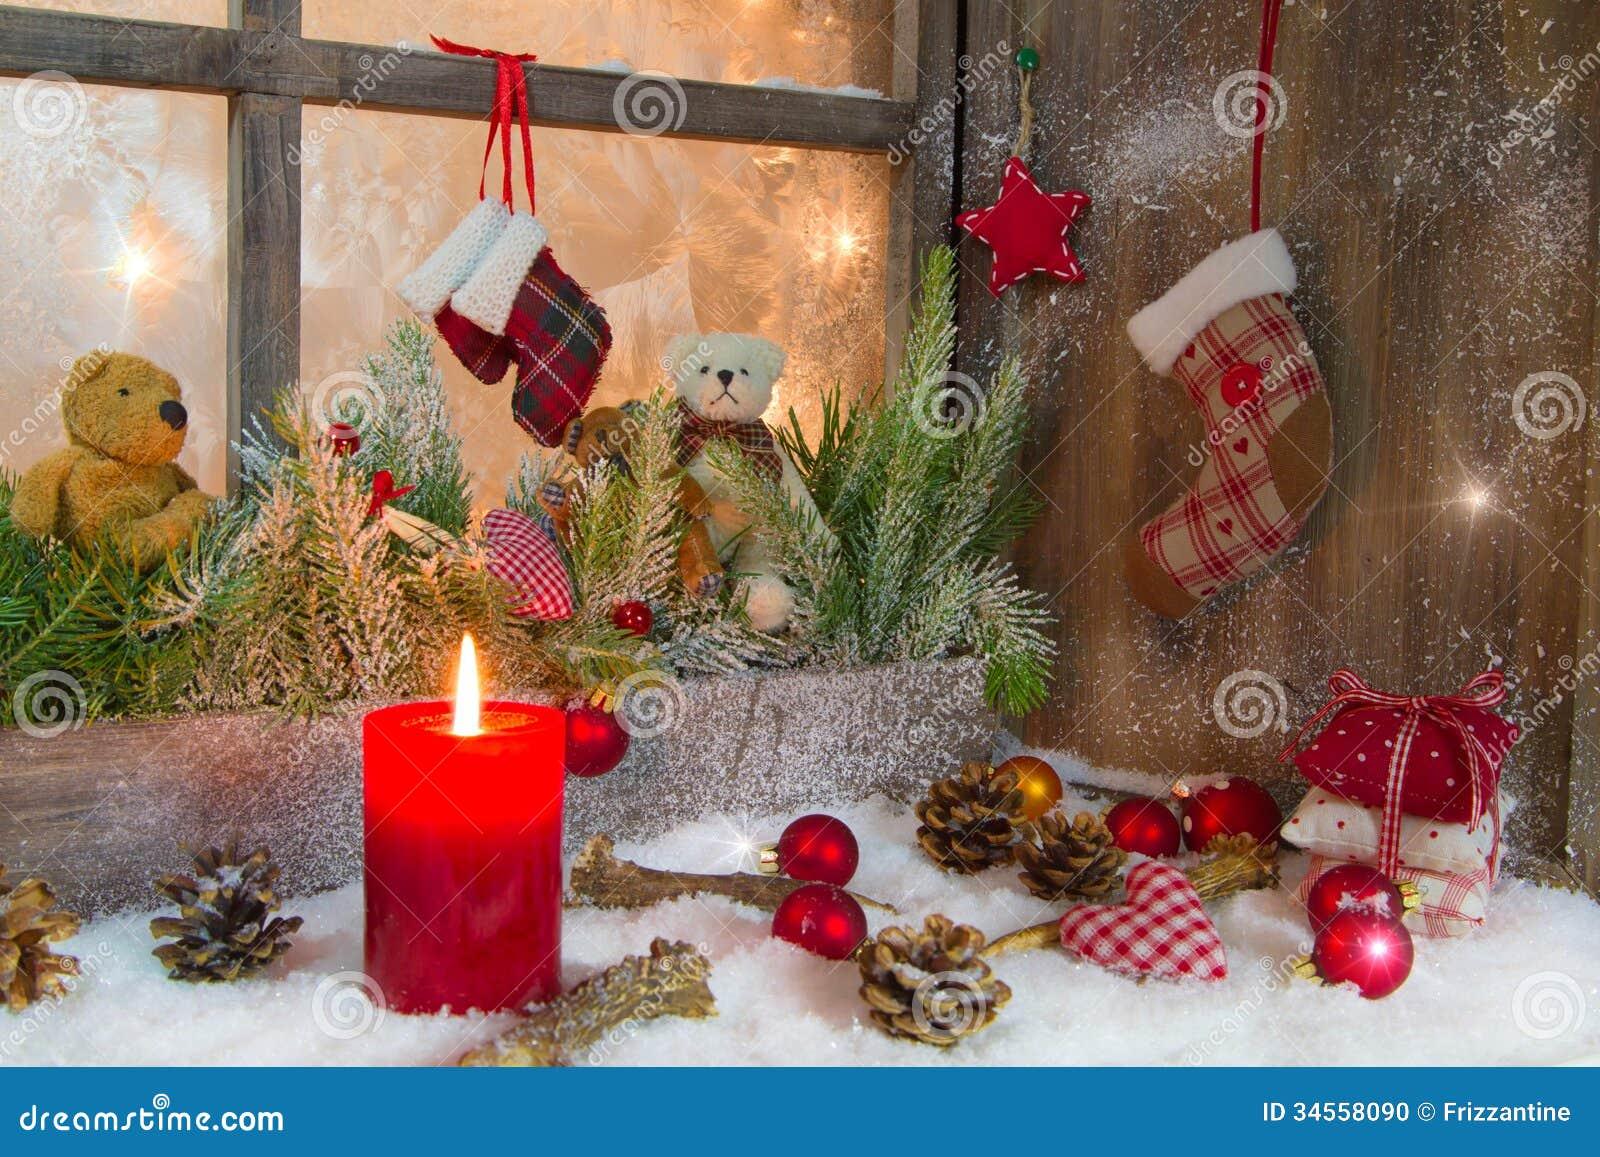 Schaufensterdekoration weihnachten schaufensterdekoration schaufenster dekoration nicole - Schaufensterdekoration weihnachten ...